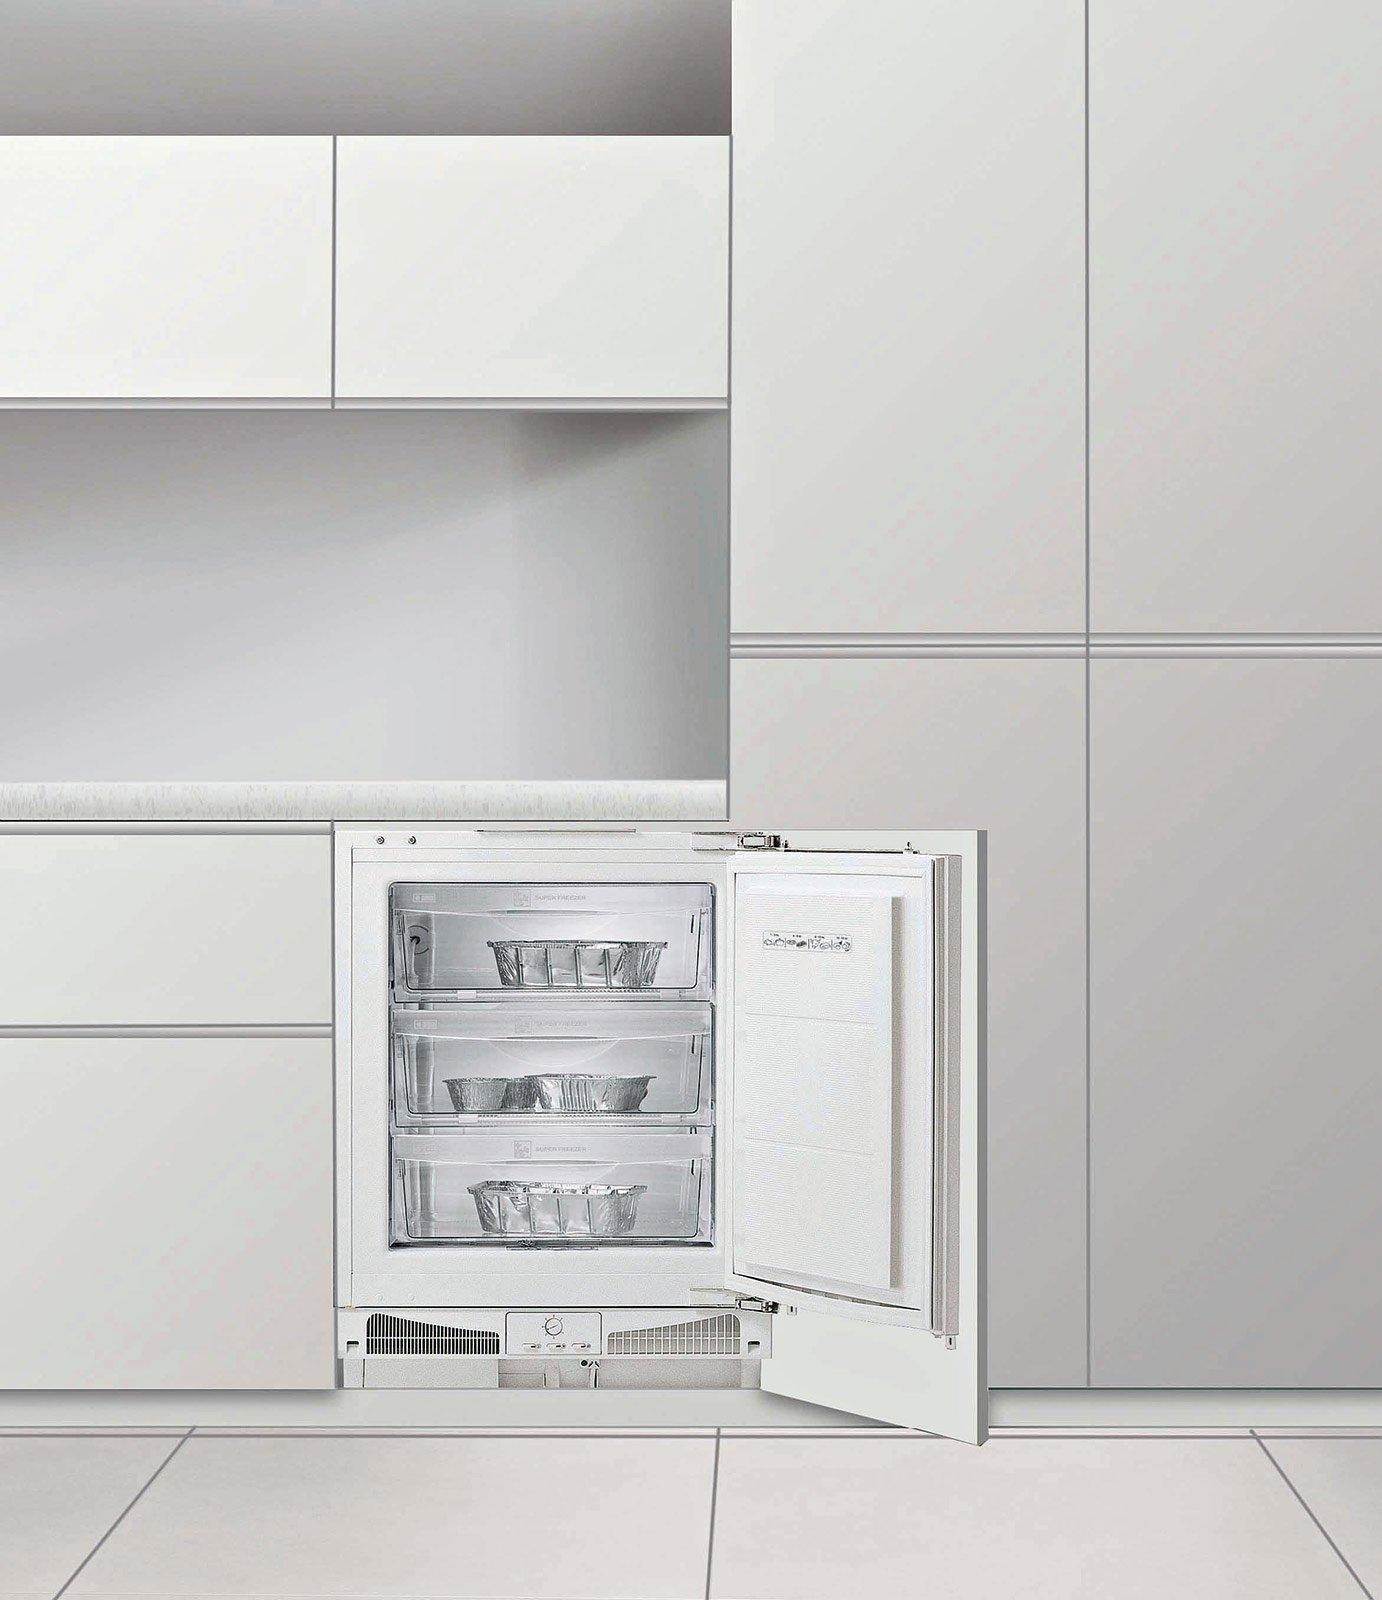 Frigorifero e congelatore in poco spazio cose di casa for Frigorifero a cassetti